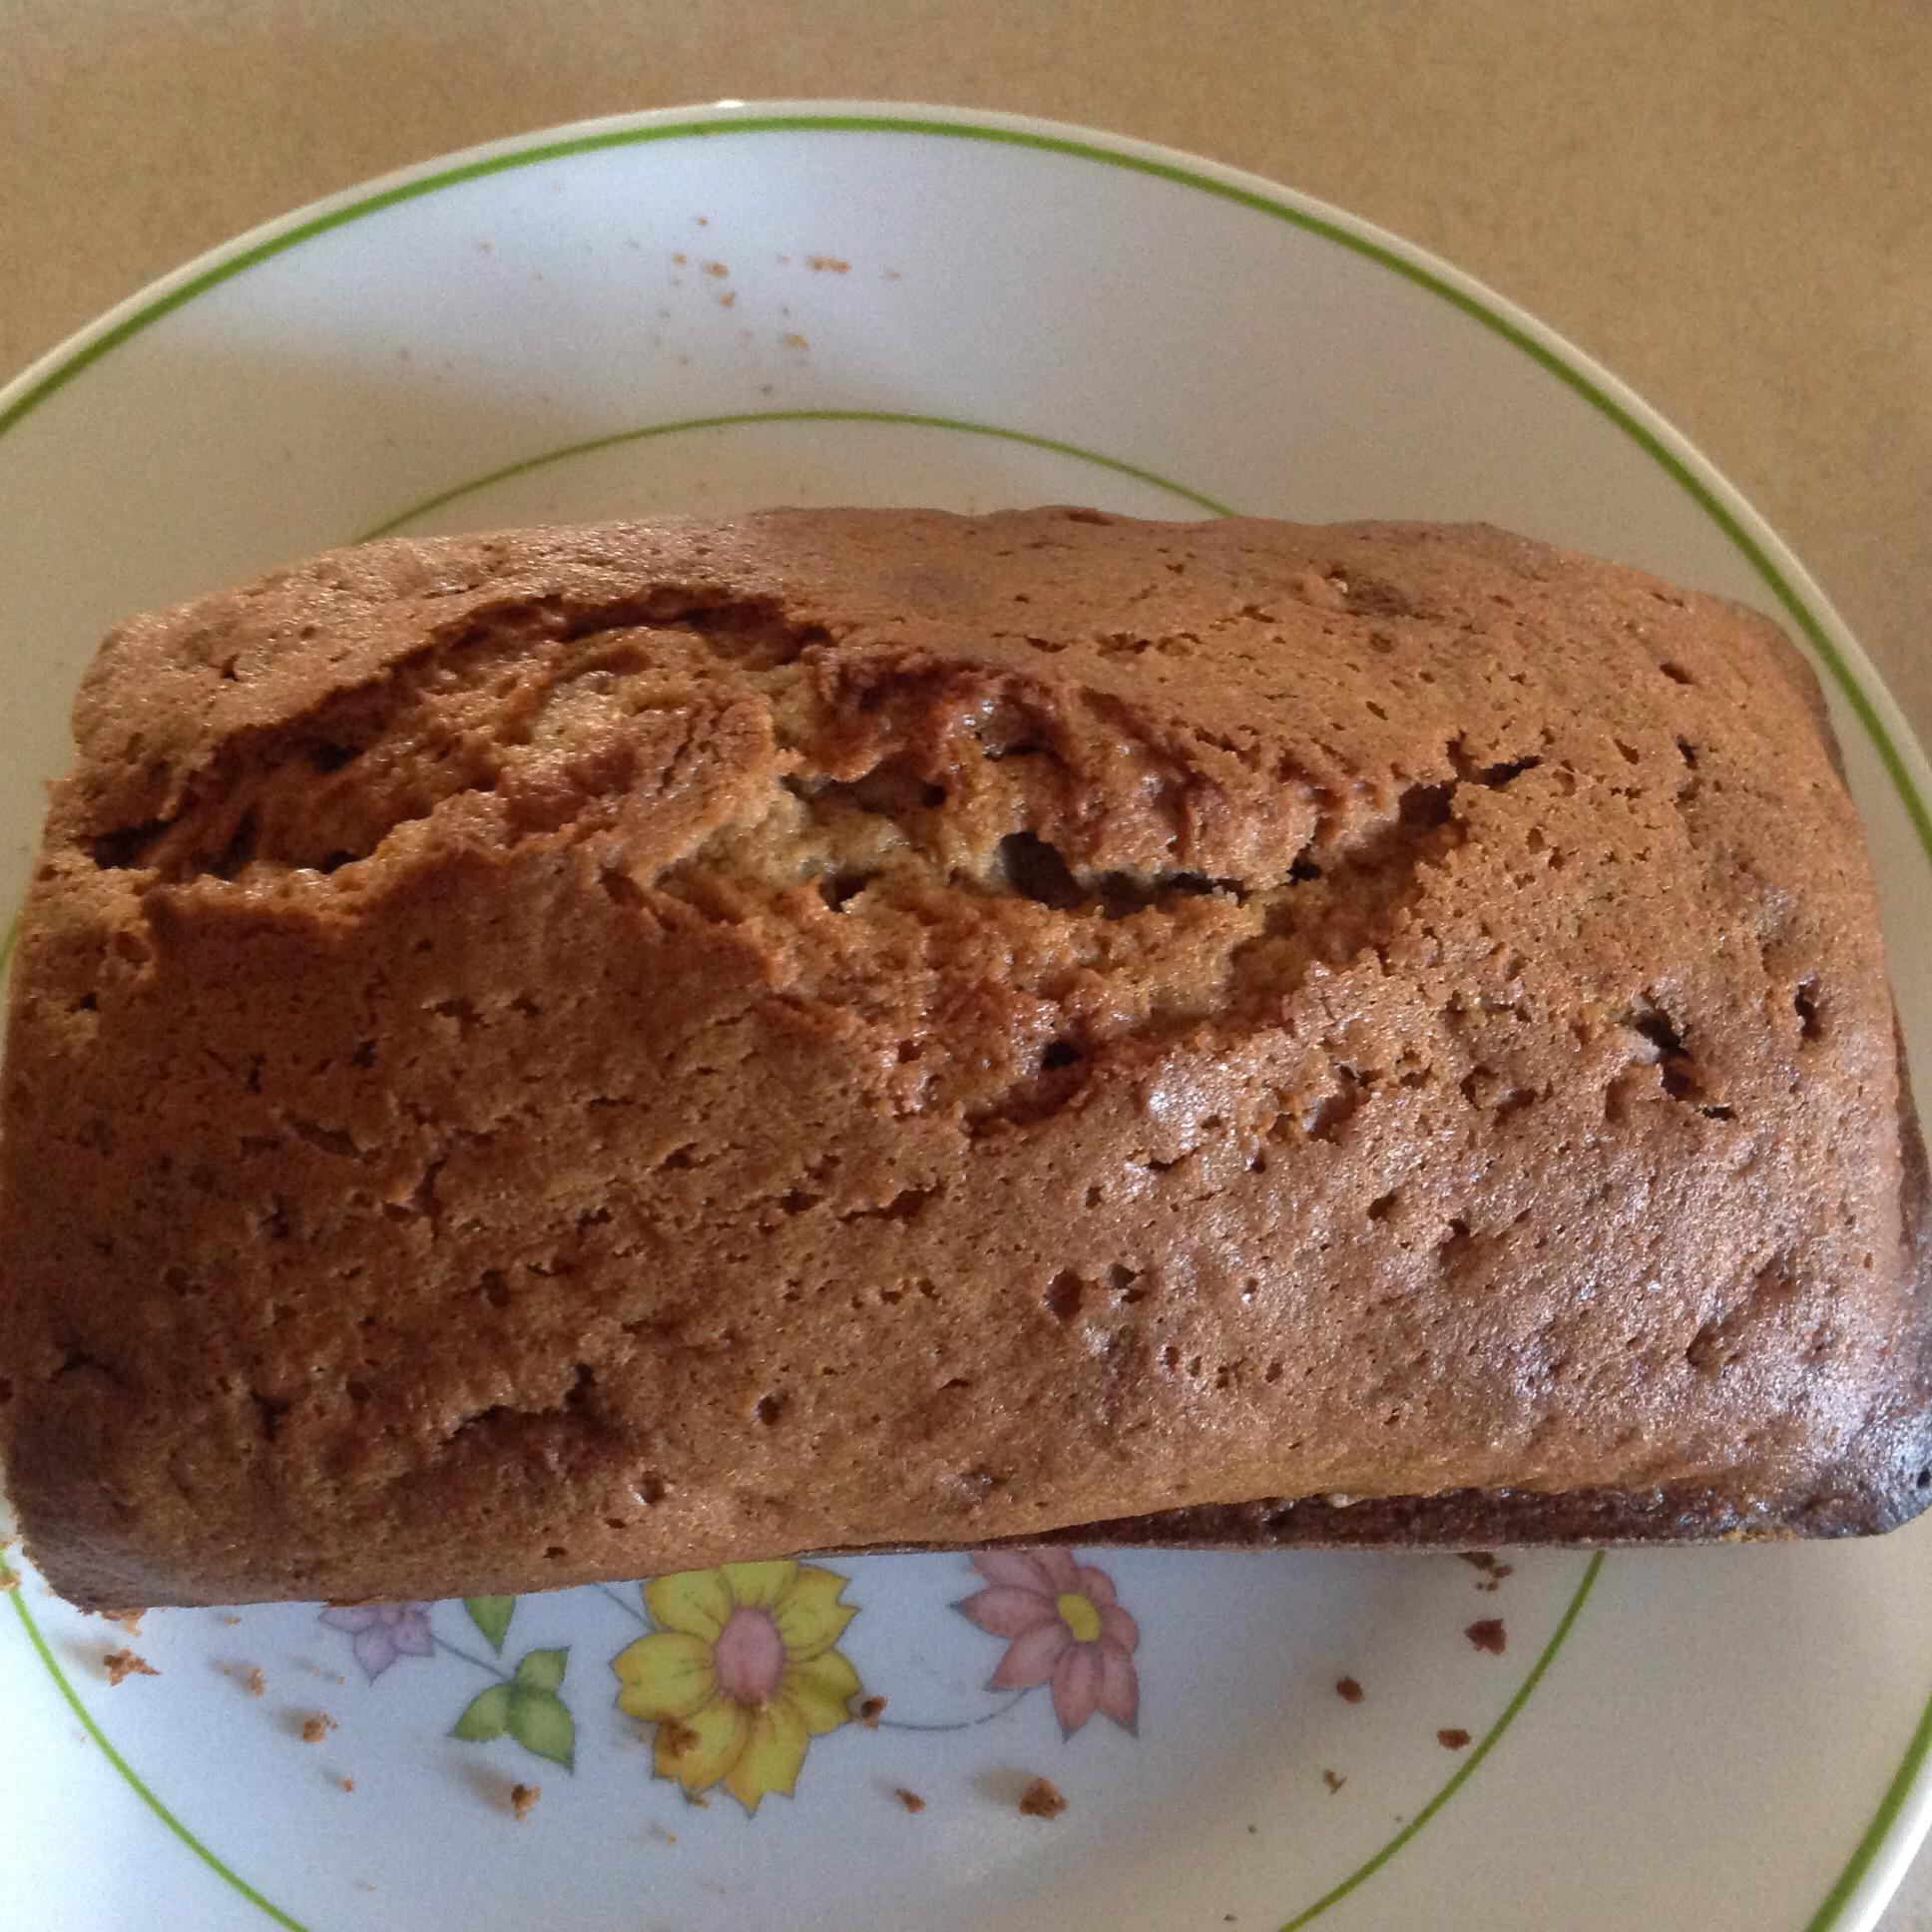 Mom's Spiced Zucchini Bread